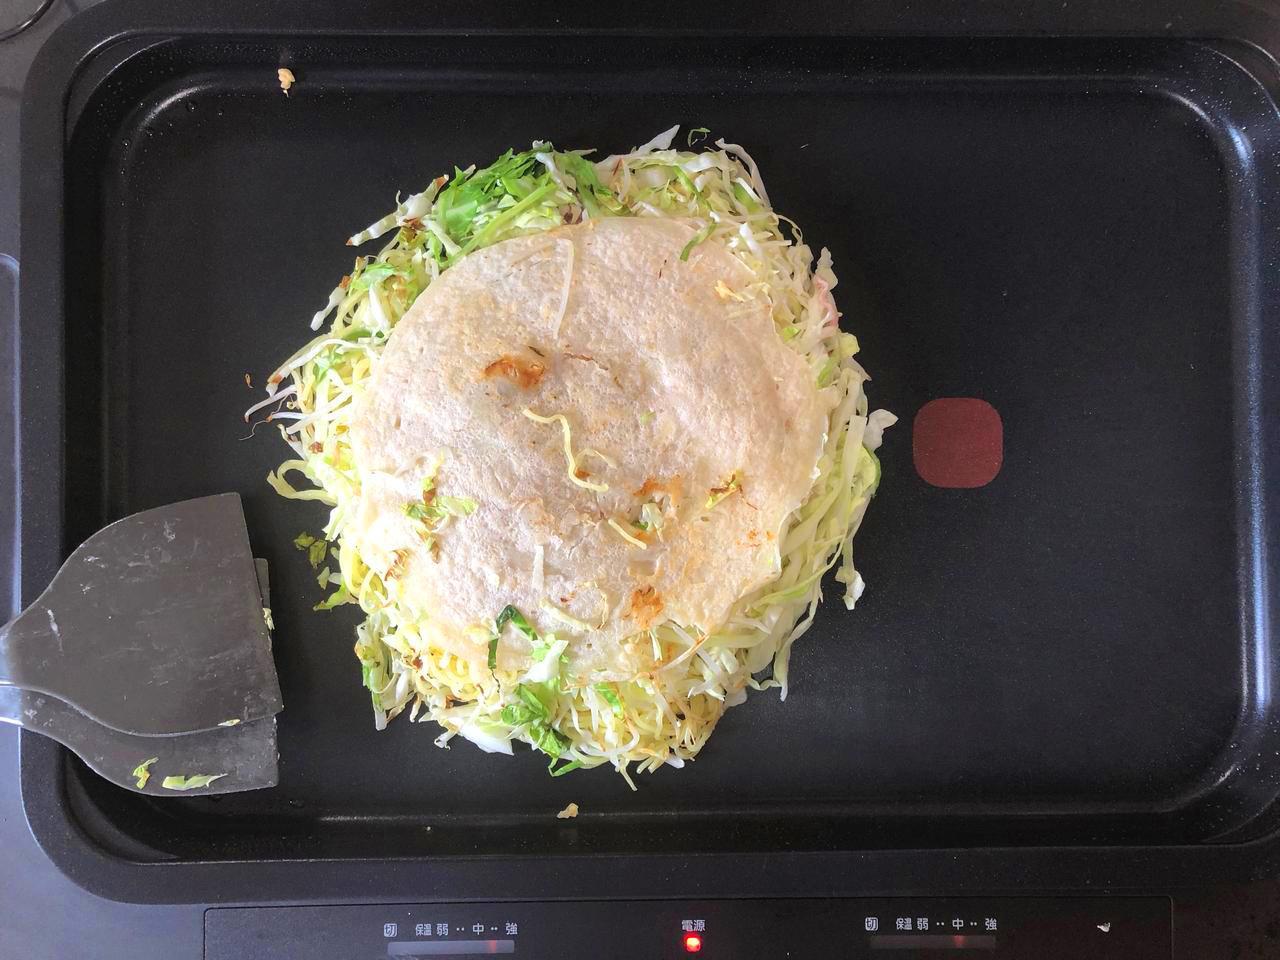 画像: ブタ玉そばダブルのお好み焼きを作成中。本体とそばダブル(2玉)を合体させたところ。余裕があり、使いやすい。